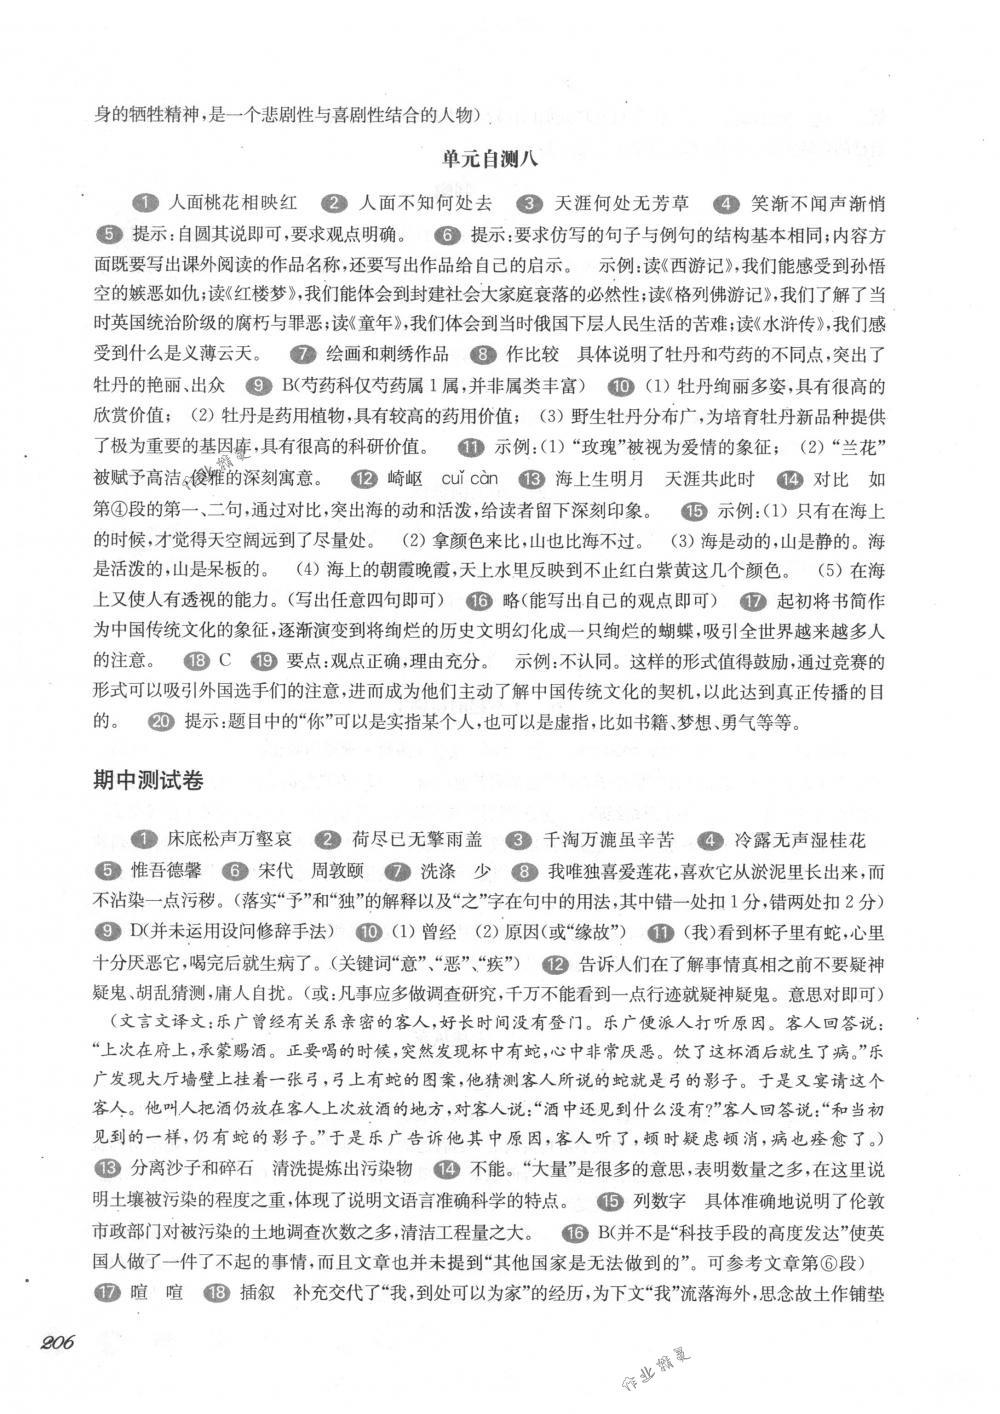 2018年华东师大版一课一练七年级语文第二学期沪教版第20页